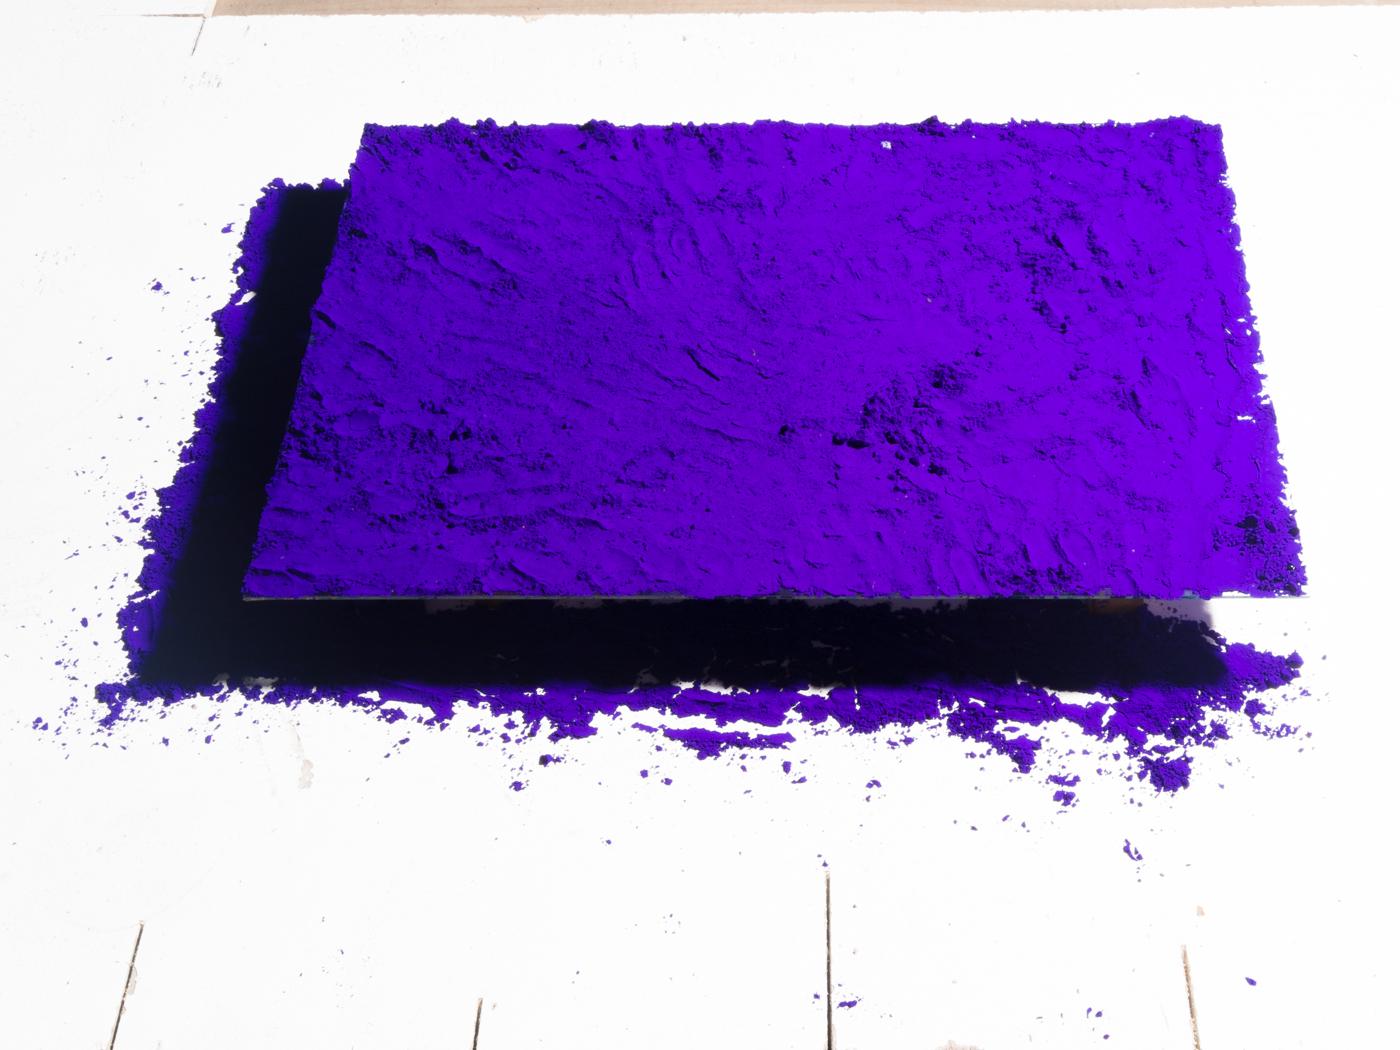 violet-3423